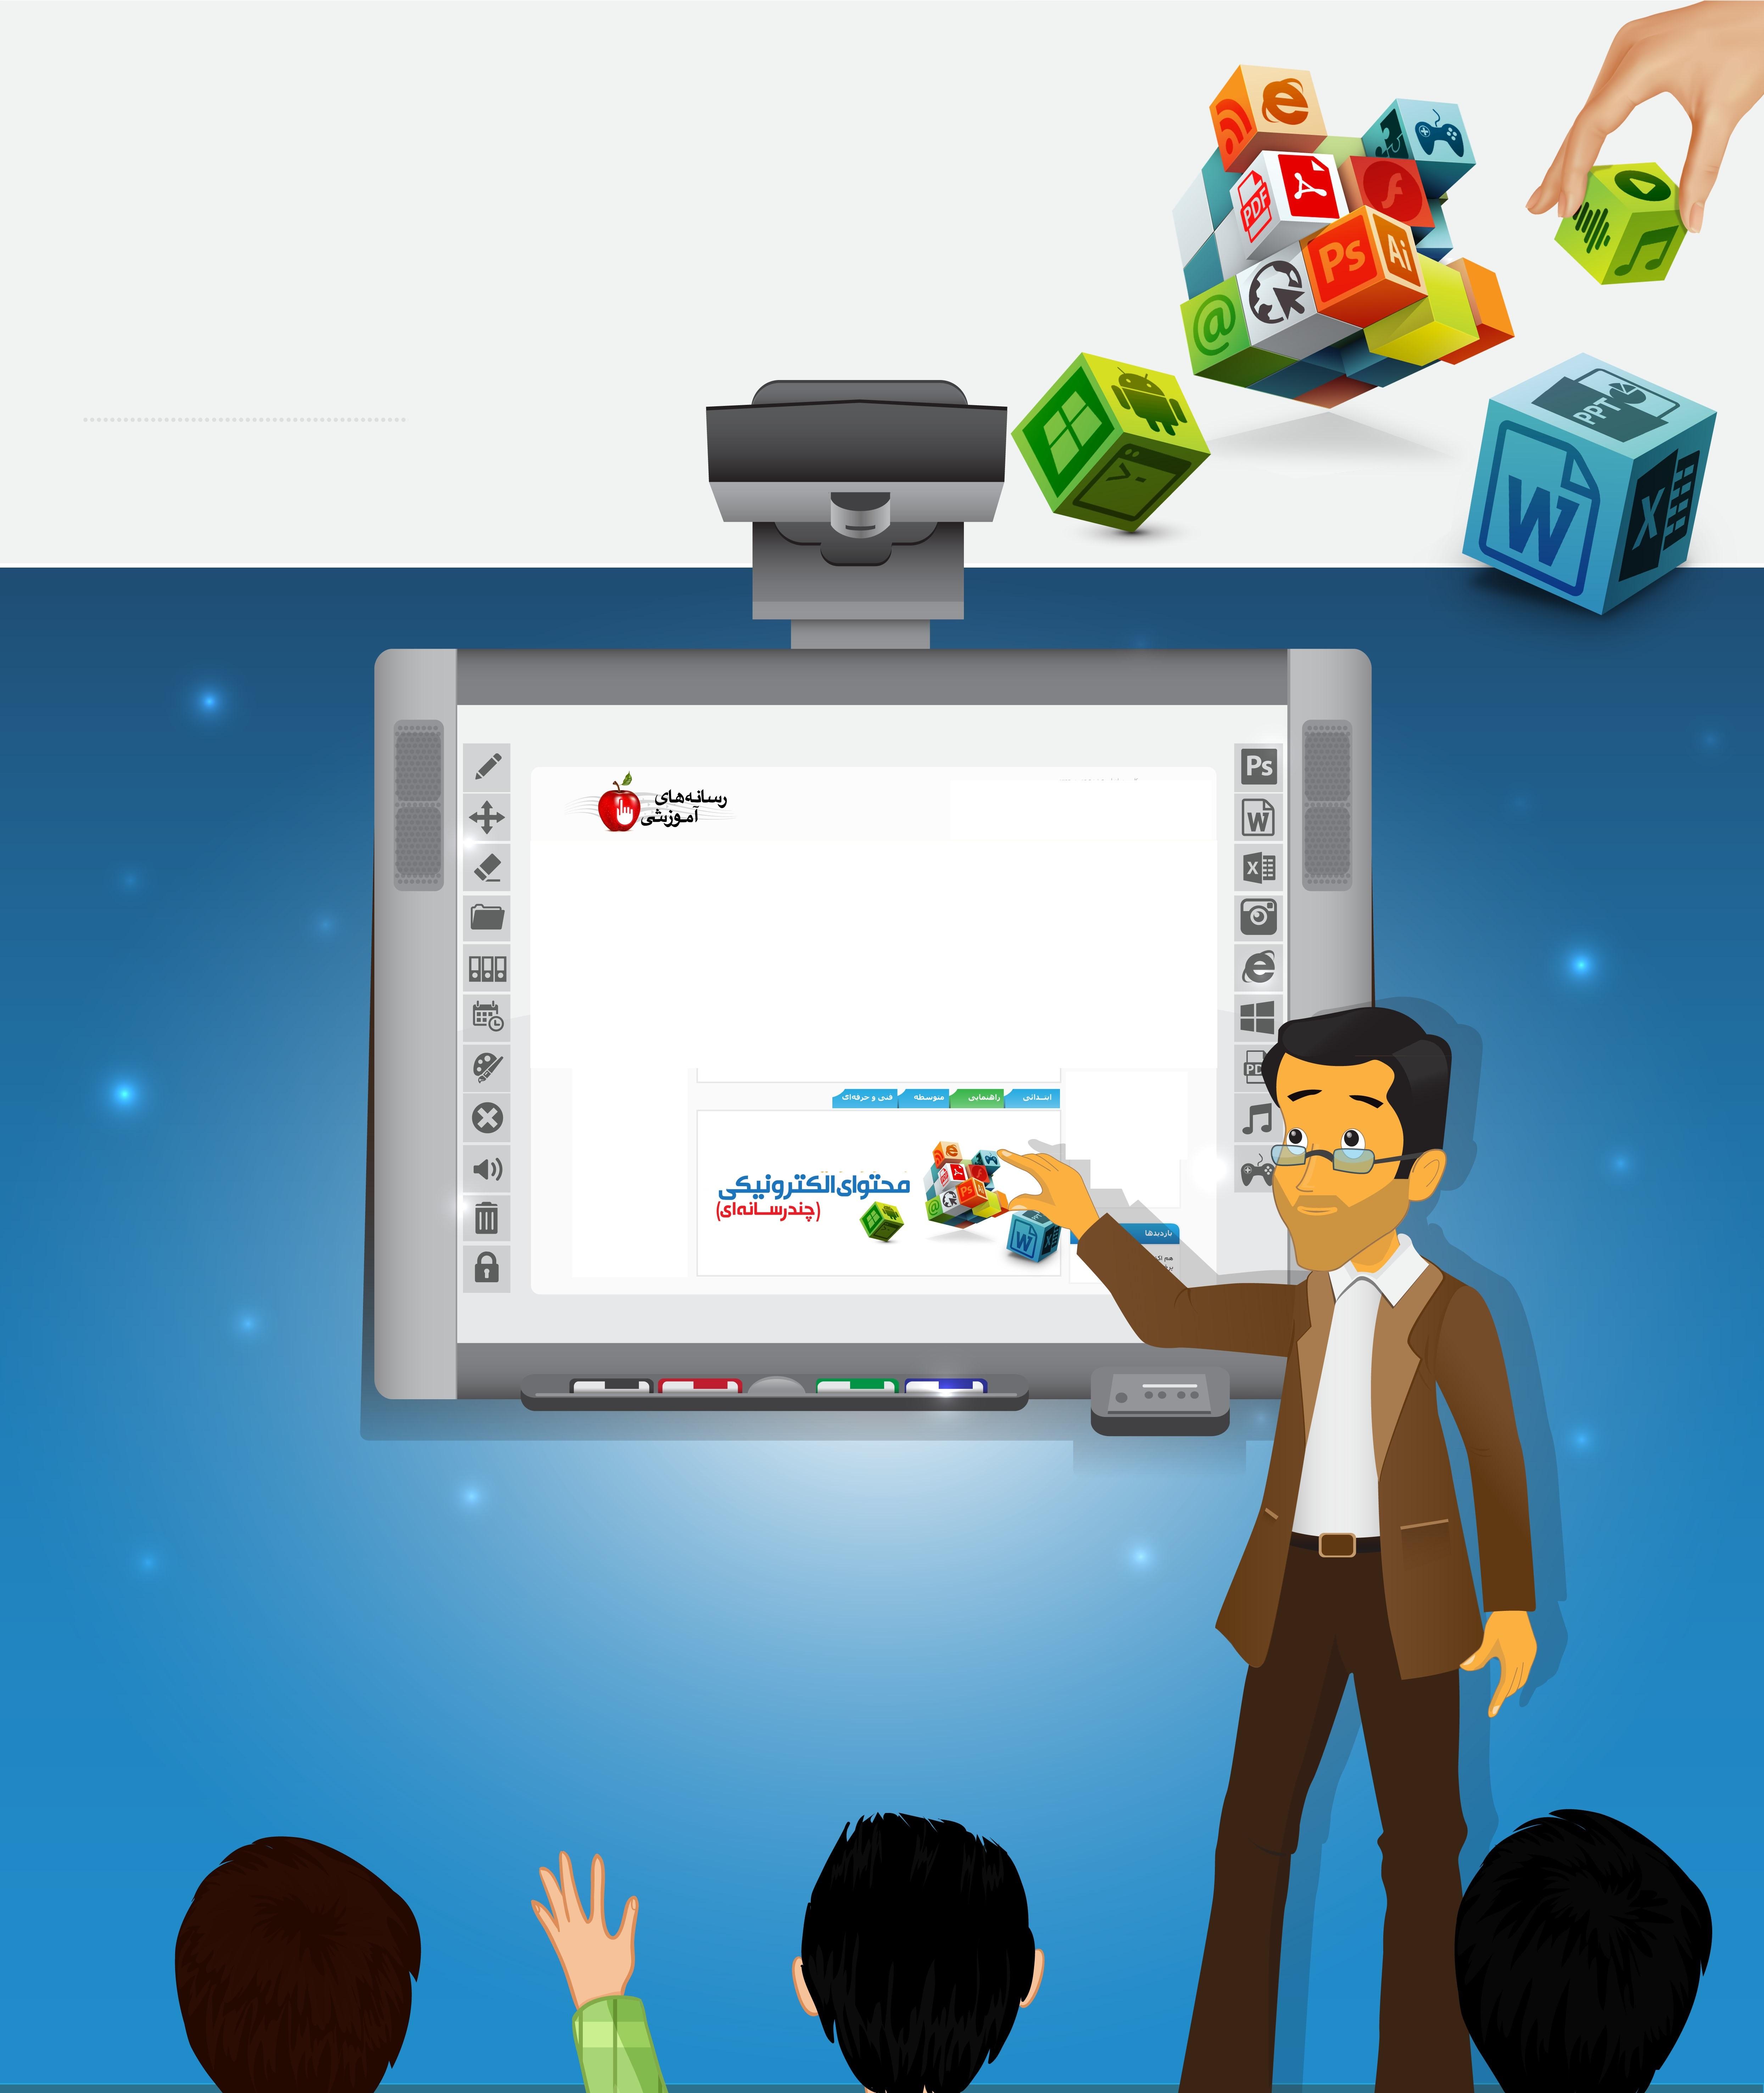 کانال کشوری ضمن خدمت و هوشمند سازی مدارس++++++کانال کشوری آموزش تولید محتوای الکترونیکی